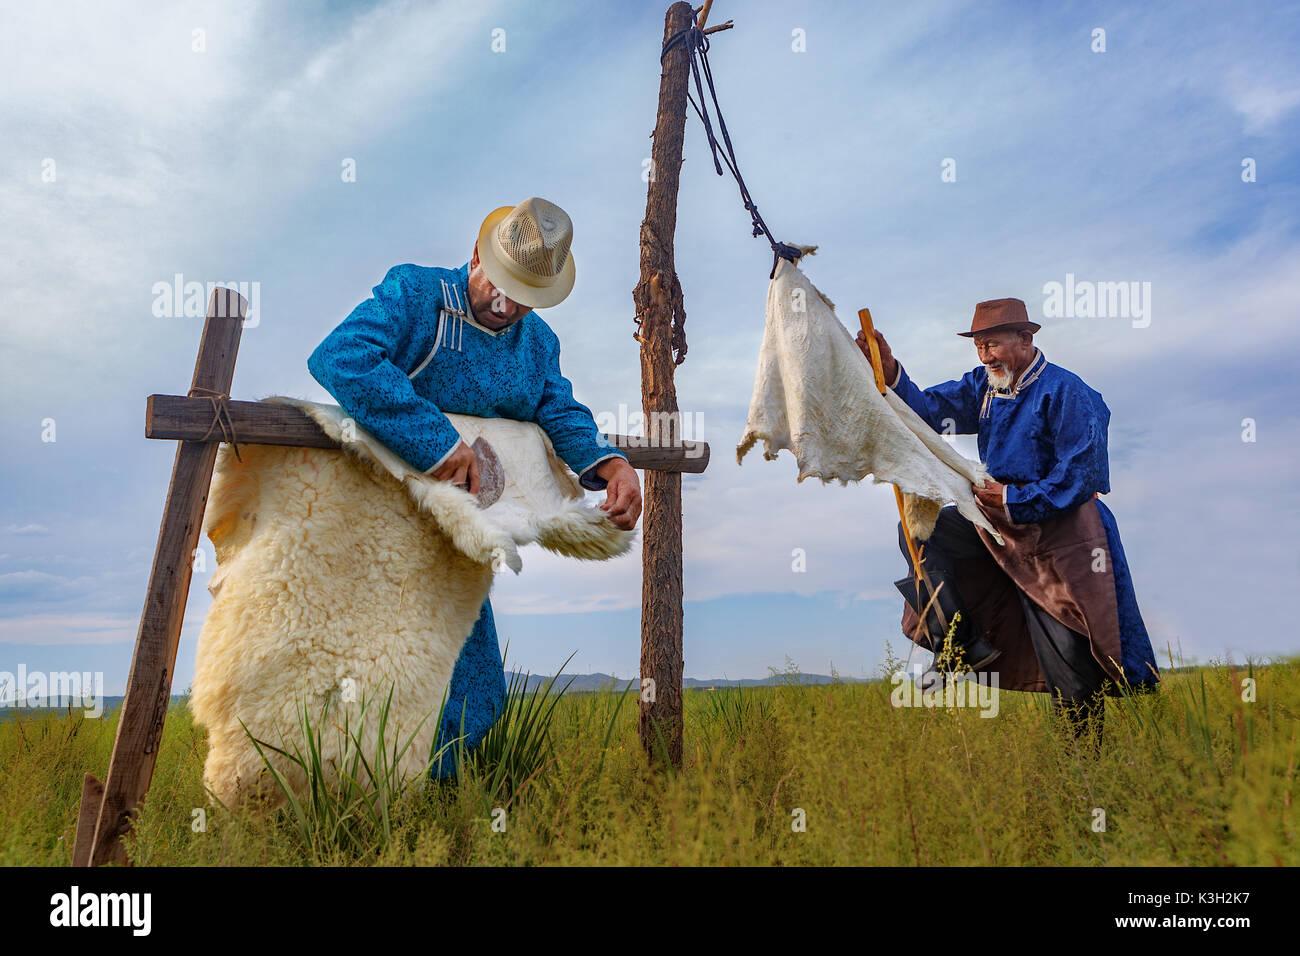 Die innere Mongolei, China-July 26, 2017: traditionell gekleideten alten mongolischen Männer Prozess das Fell der Stockfoto